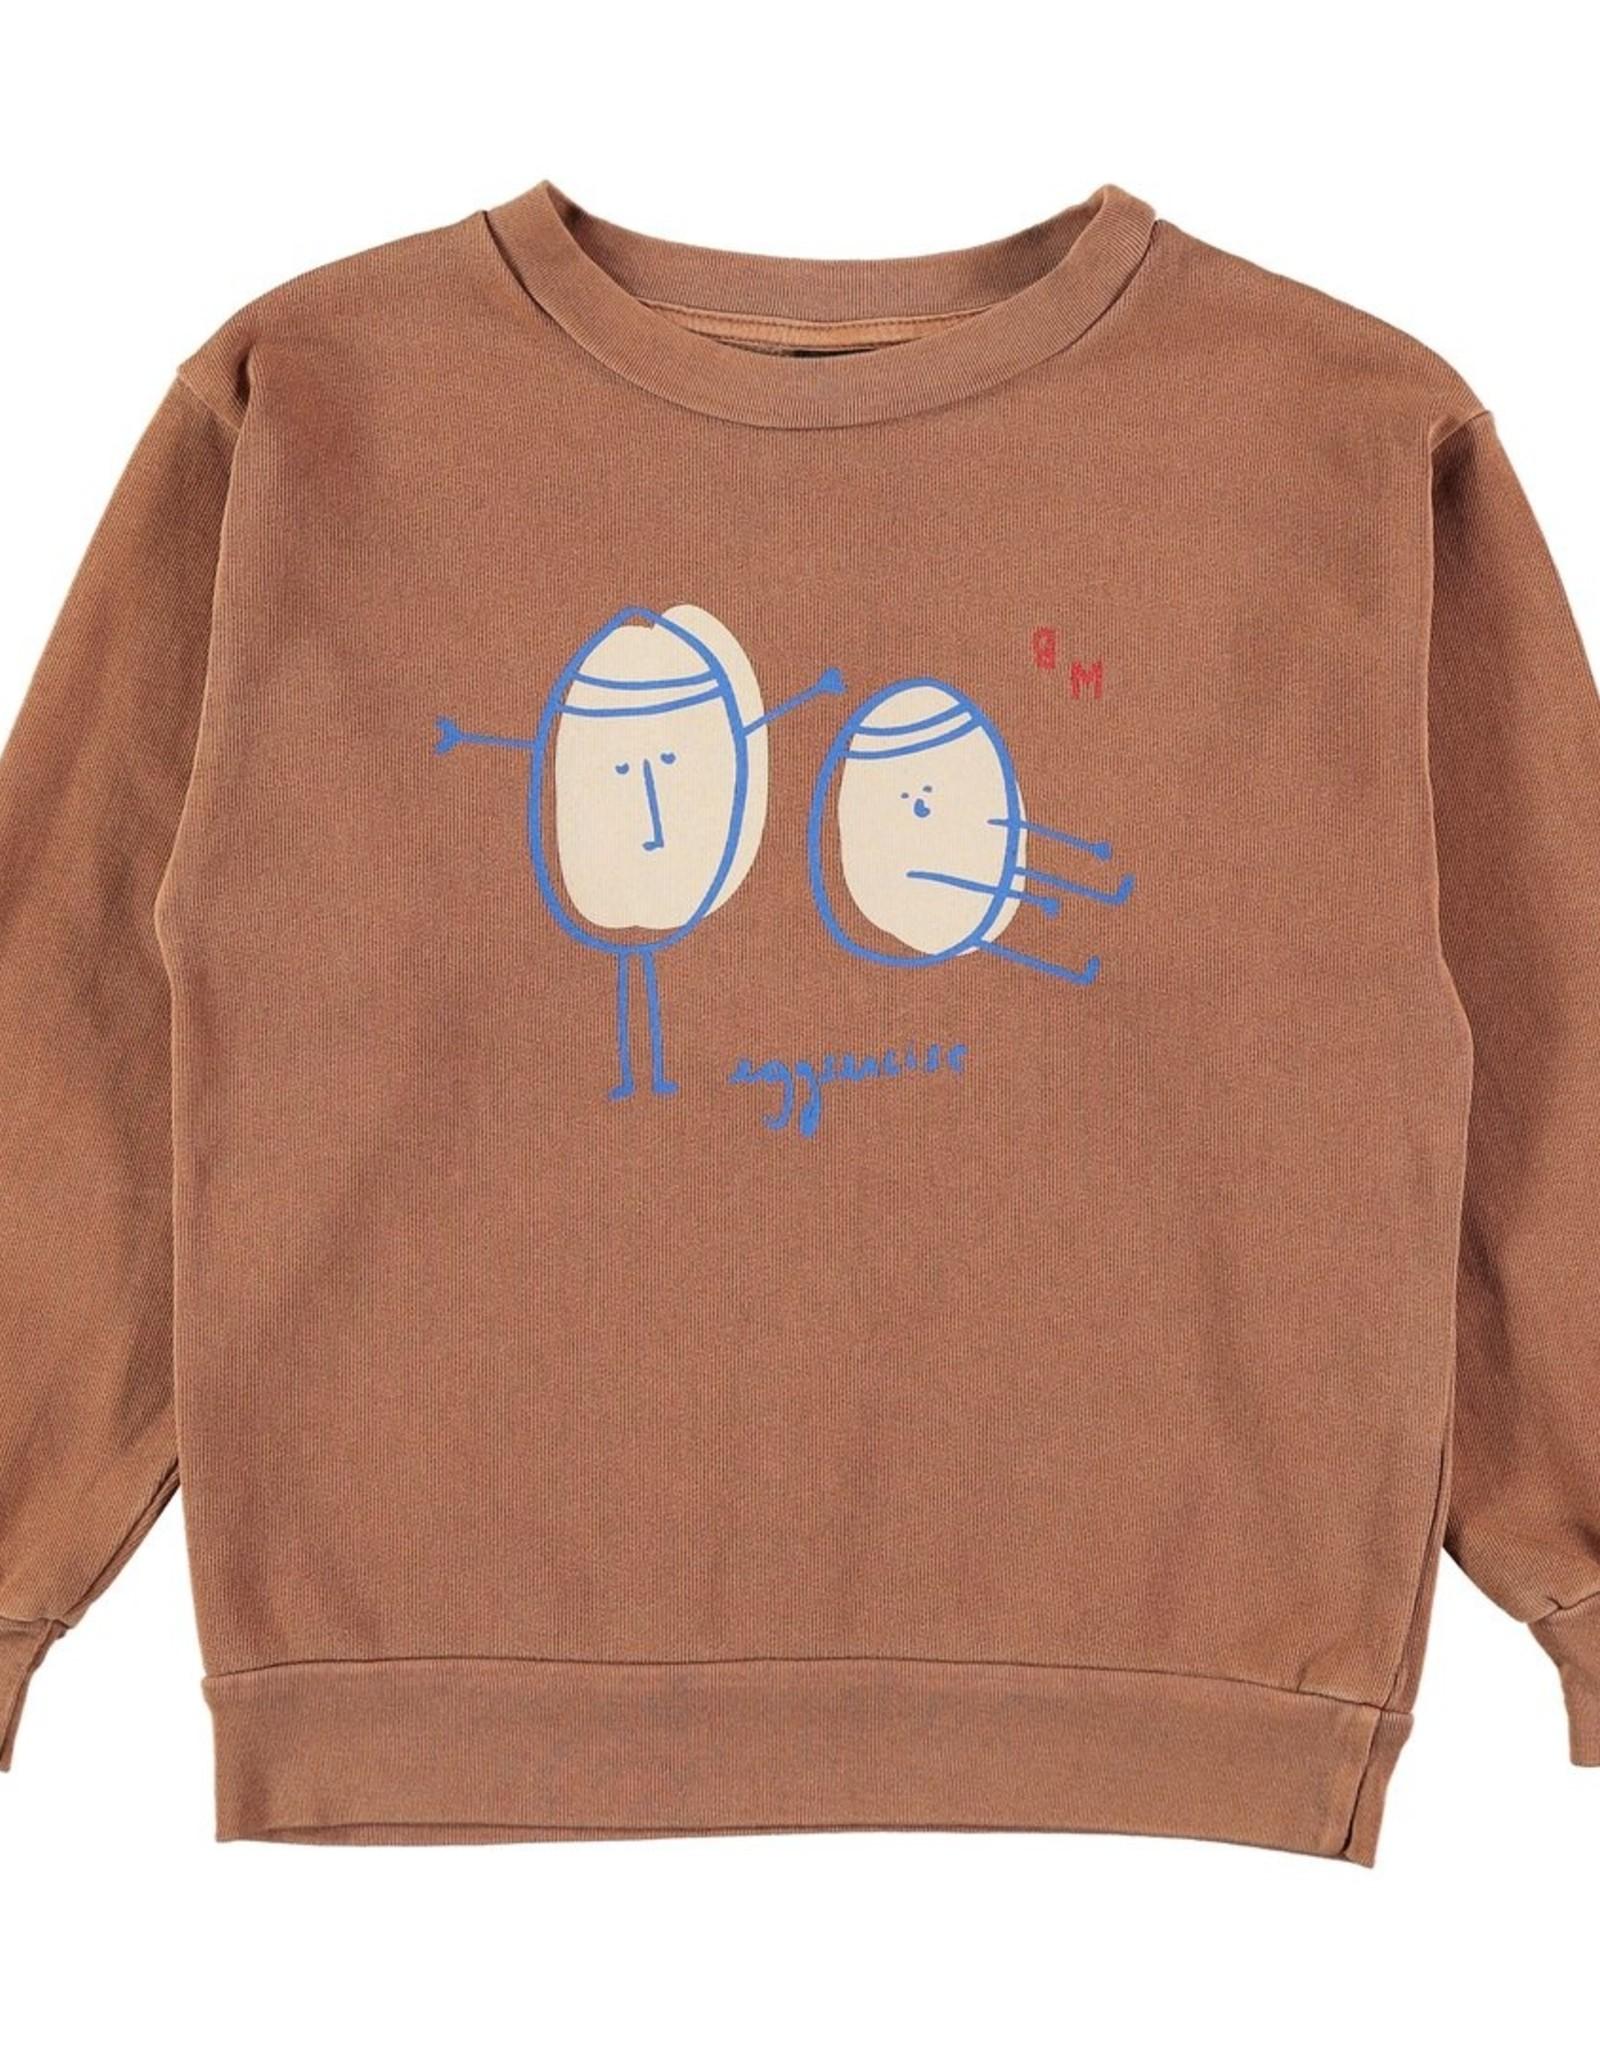 Bonmot Organic Bonmot sweater egg-ercise Wood